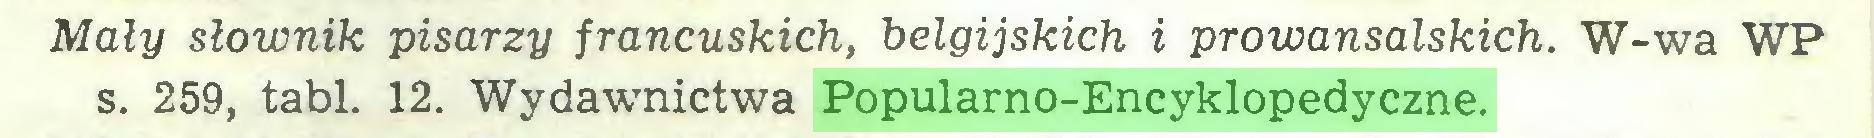 (...) Mały słownik pisarzy francuskich, belgijskich i prowansalskich. W-wa WP s. 259, tabl. 12. Wydawnictwa Popularno-Encyklopedyczne...